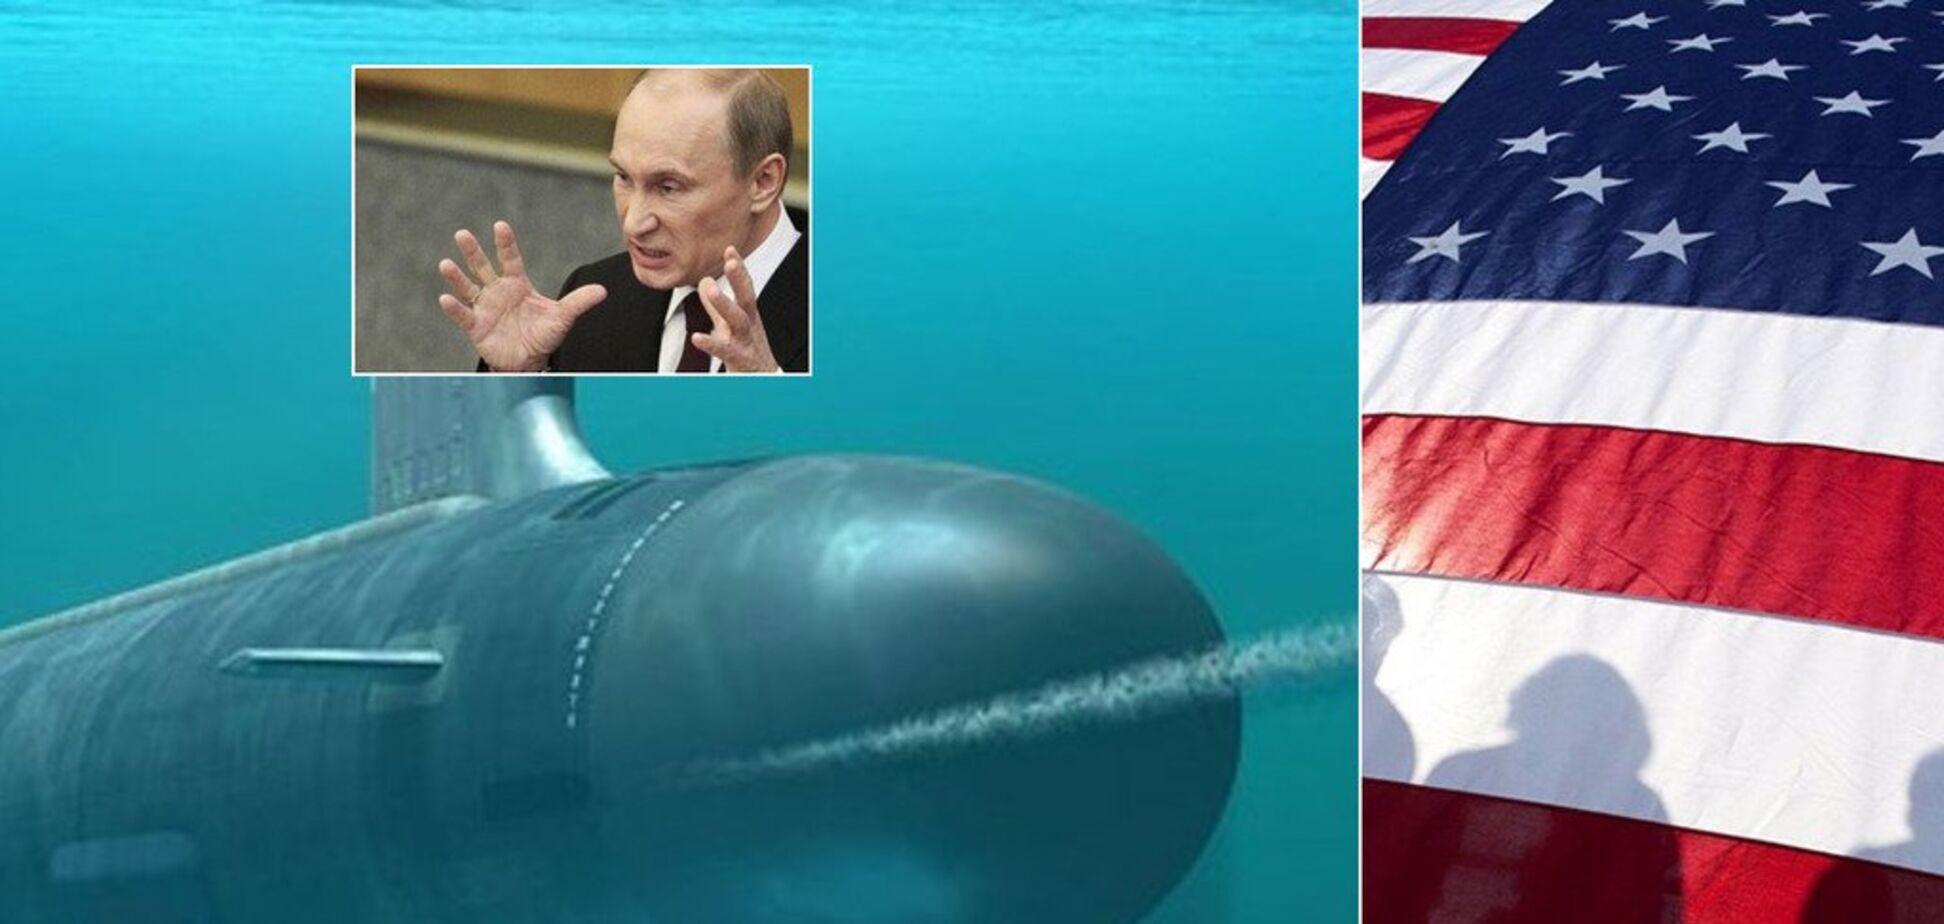 Оружие ''Судного дня'' готово: что задумала Россия и как ответят США